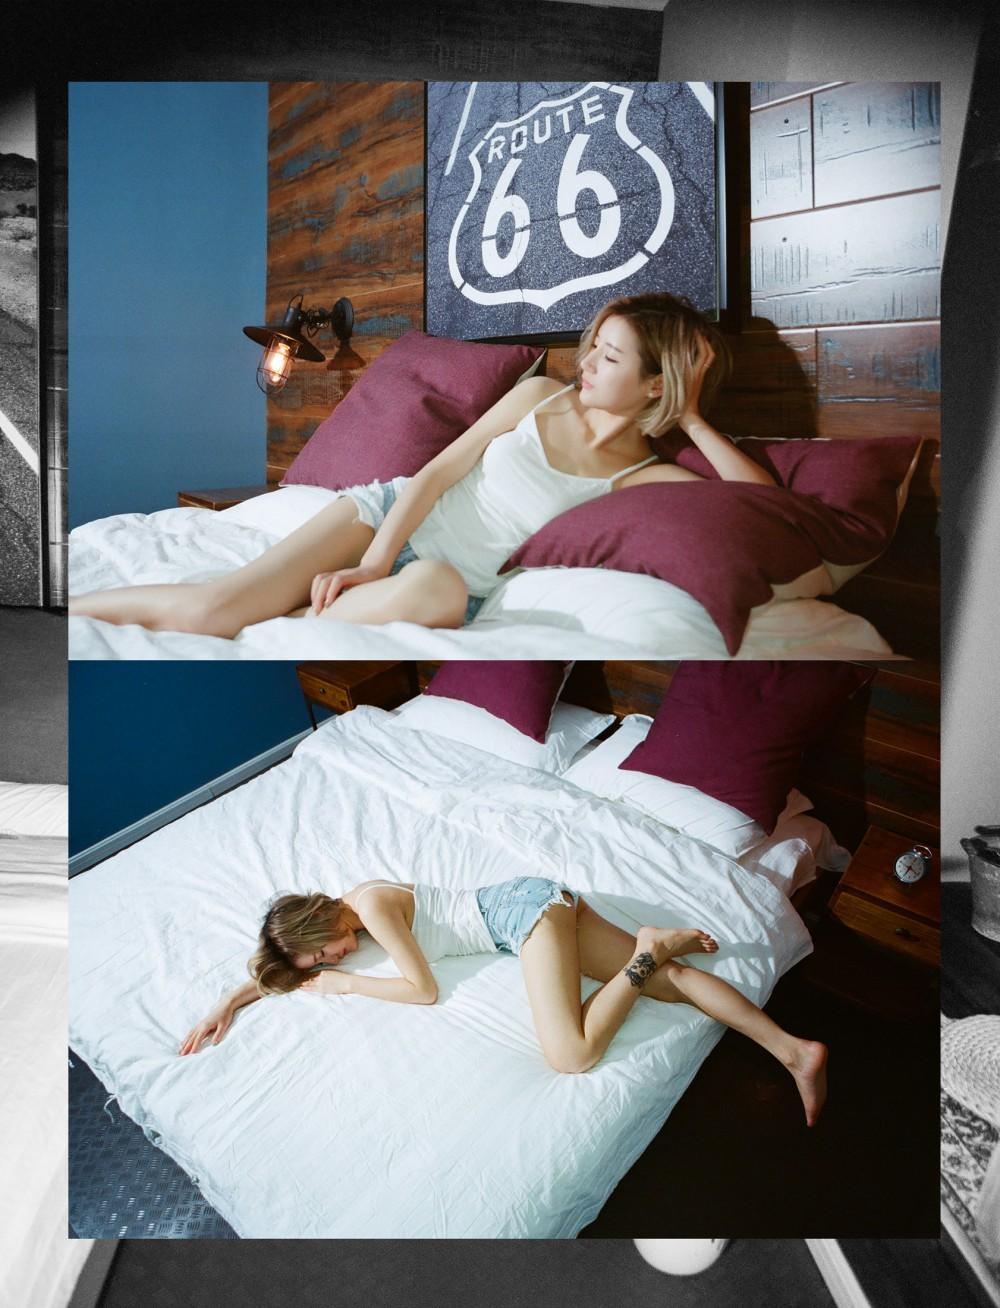 醒时做梦 @马骏同学-菲林中文-独立胶片摄影门户!